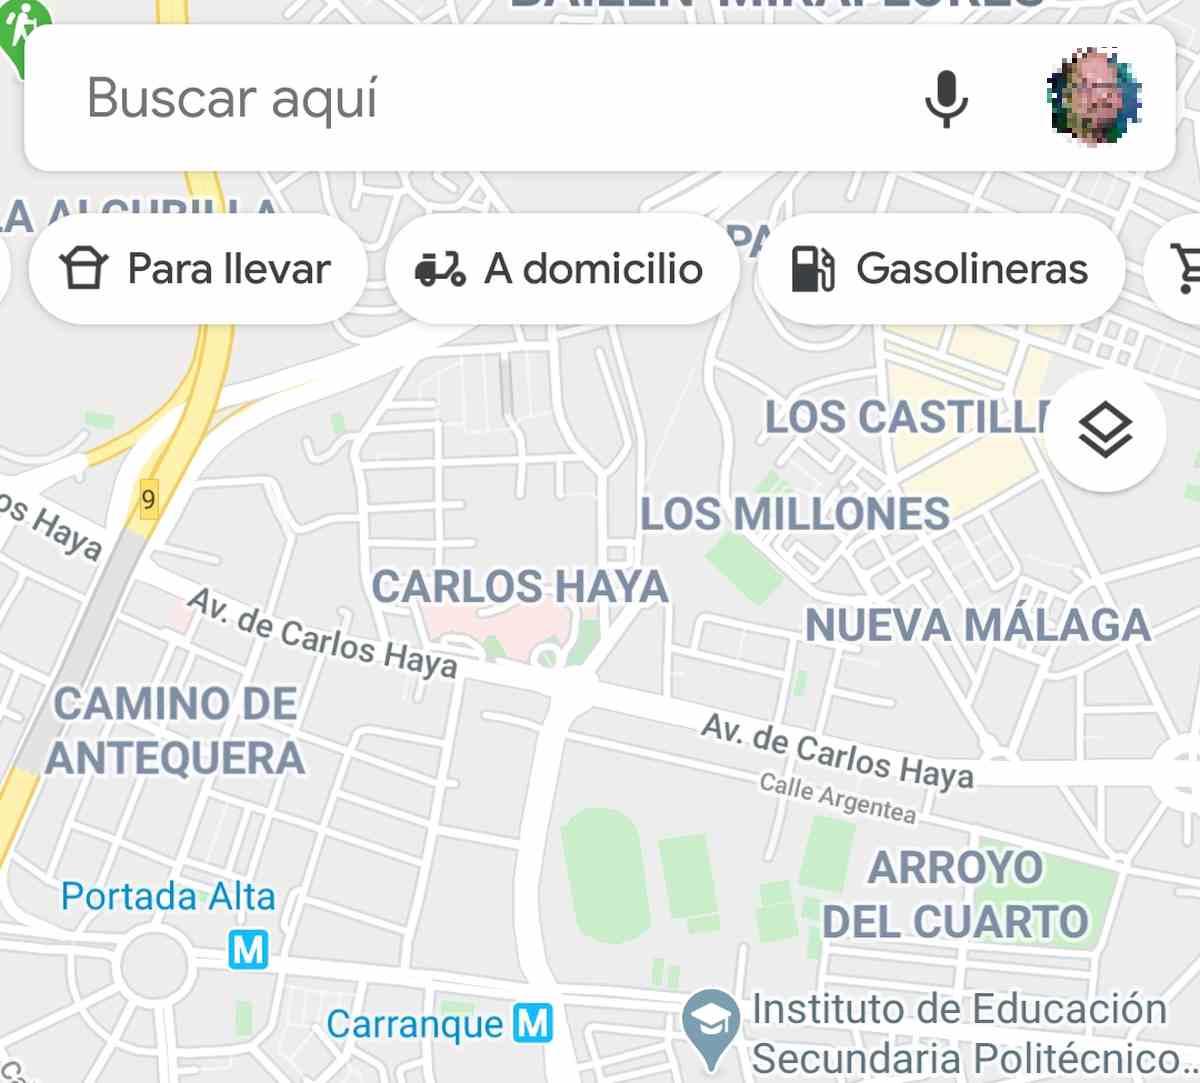 Google Maps ahora te ayuda a conocer restaurantes cercanos con opciones de envío y recogida